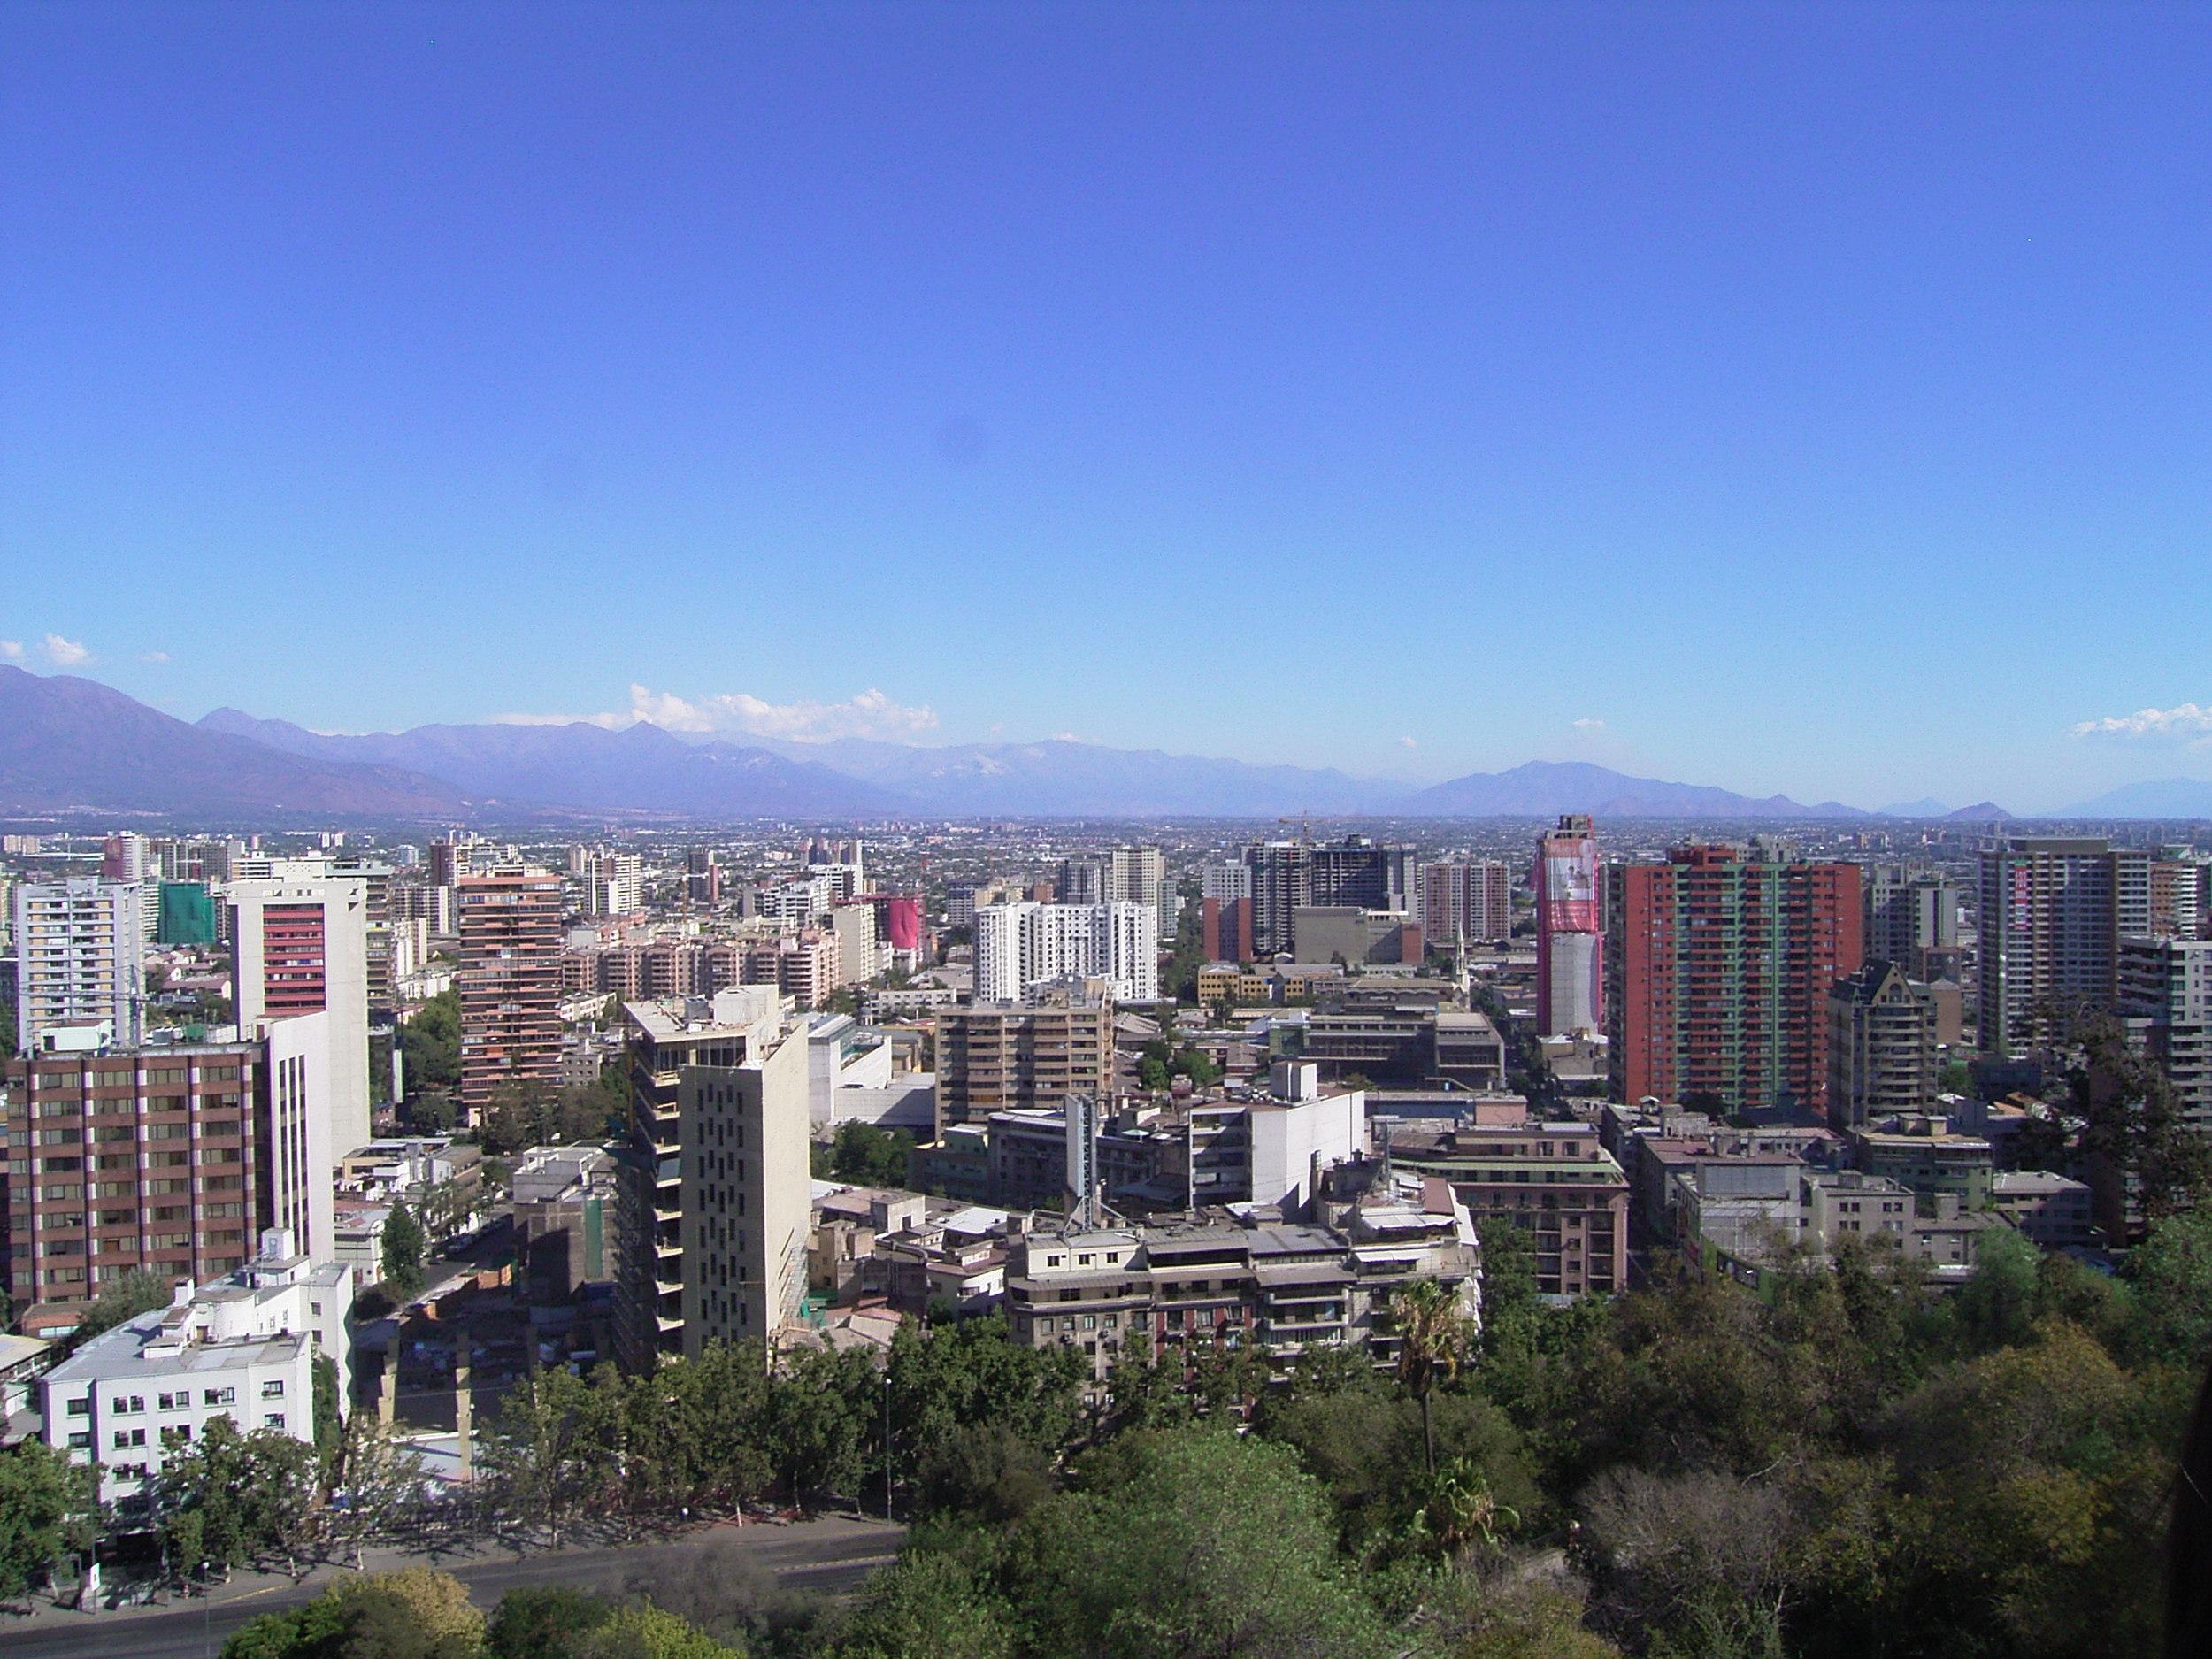 The View from Cerro Santa Lucia